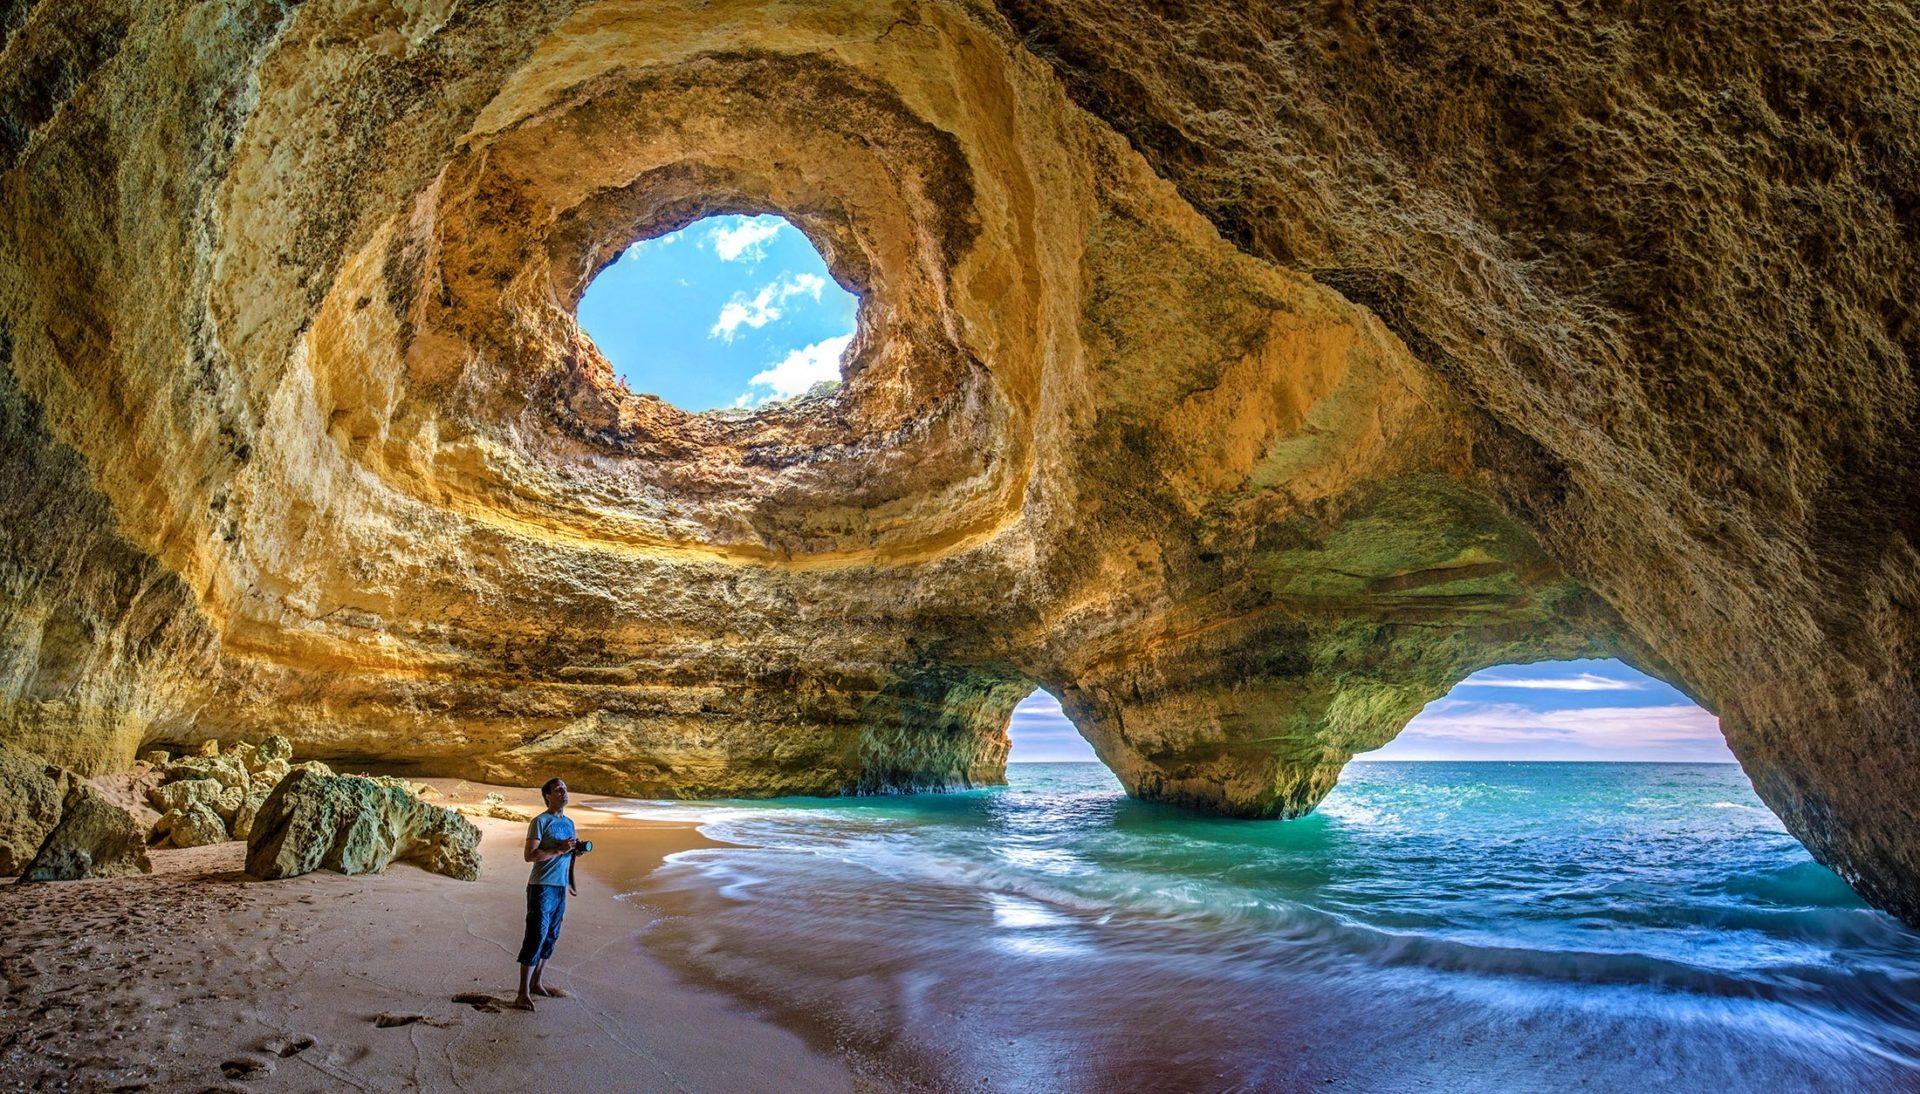 Wassertemperatur Algarve: Die Höhle von Benagil am Badestrand Praia de Benagil in der Nähe von Lagoa